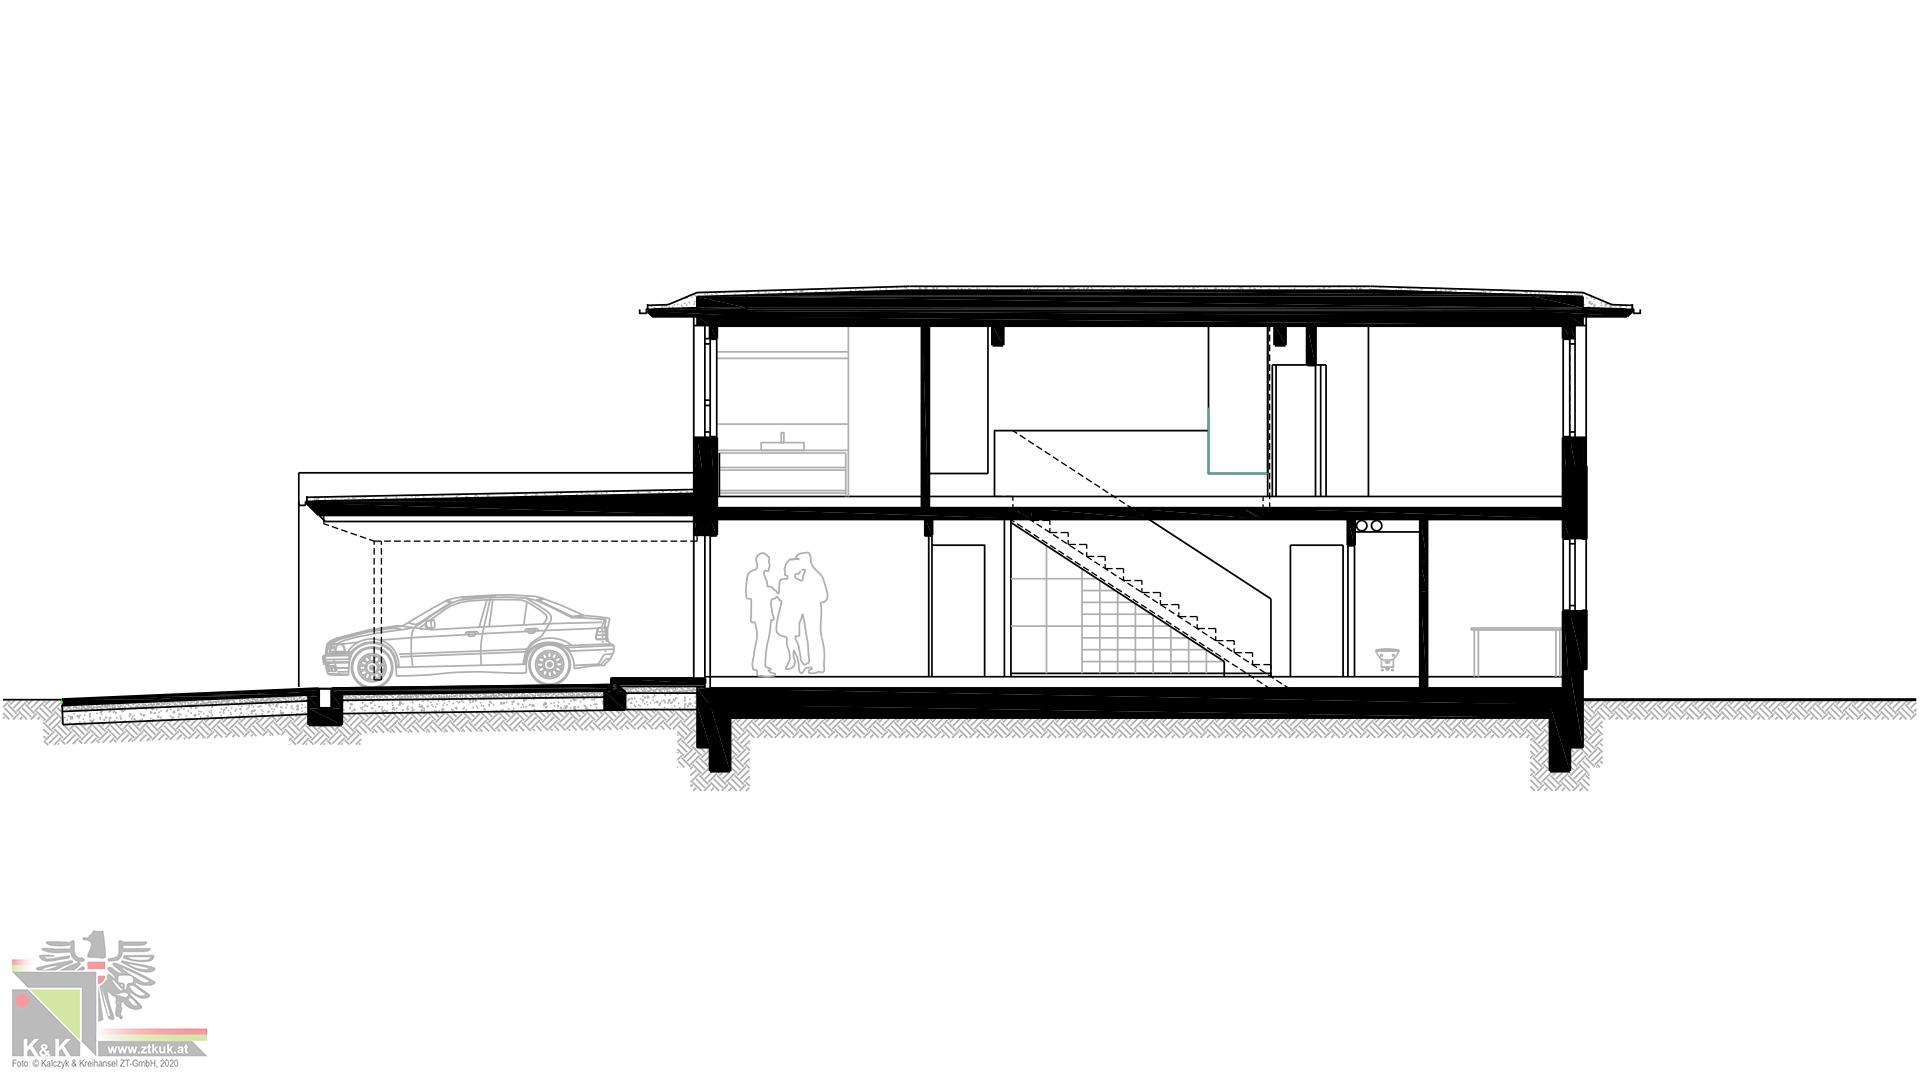 Einfamilienhaus in Holsbauweise - Systemschnitt